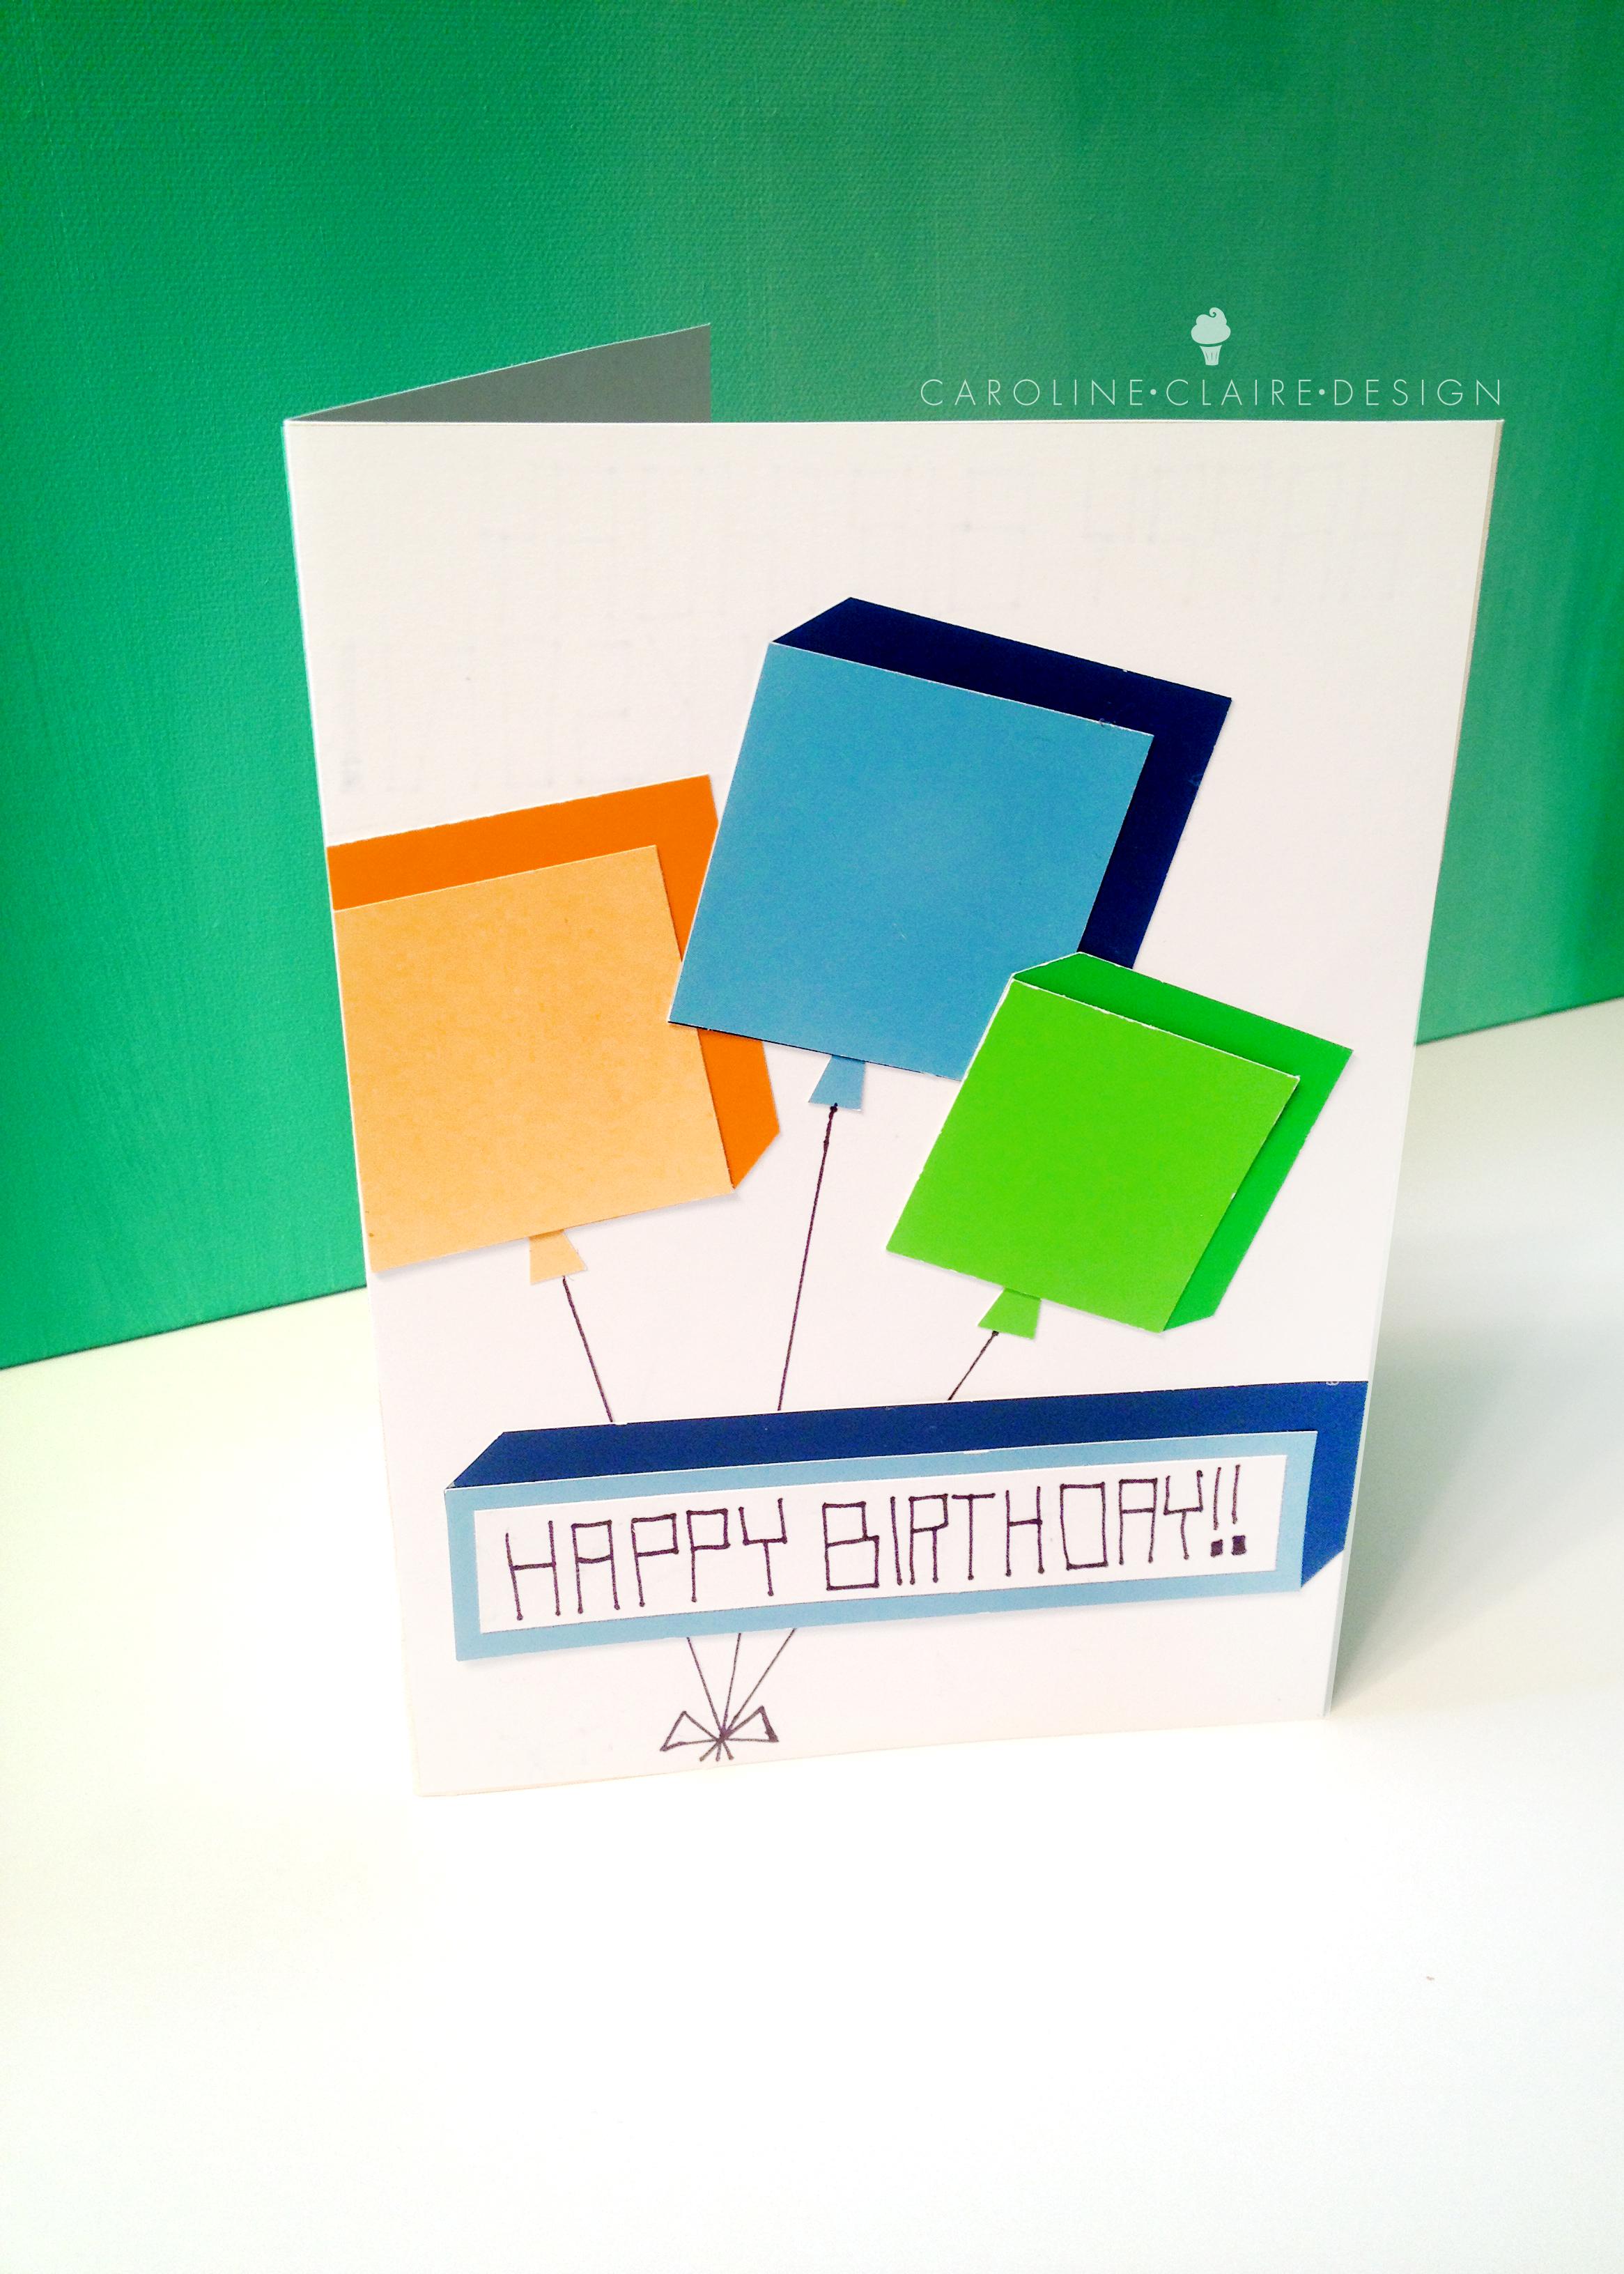 minecraft themed birthday card, Birthday card